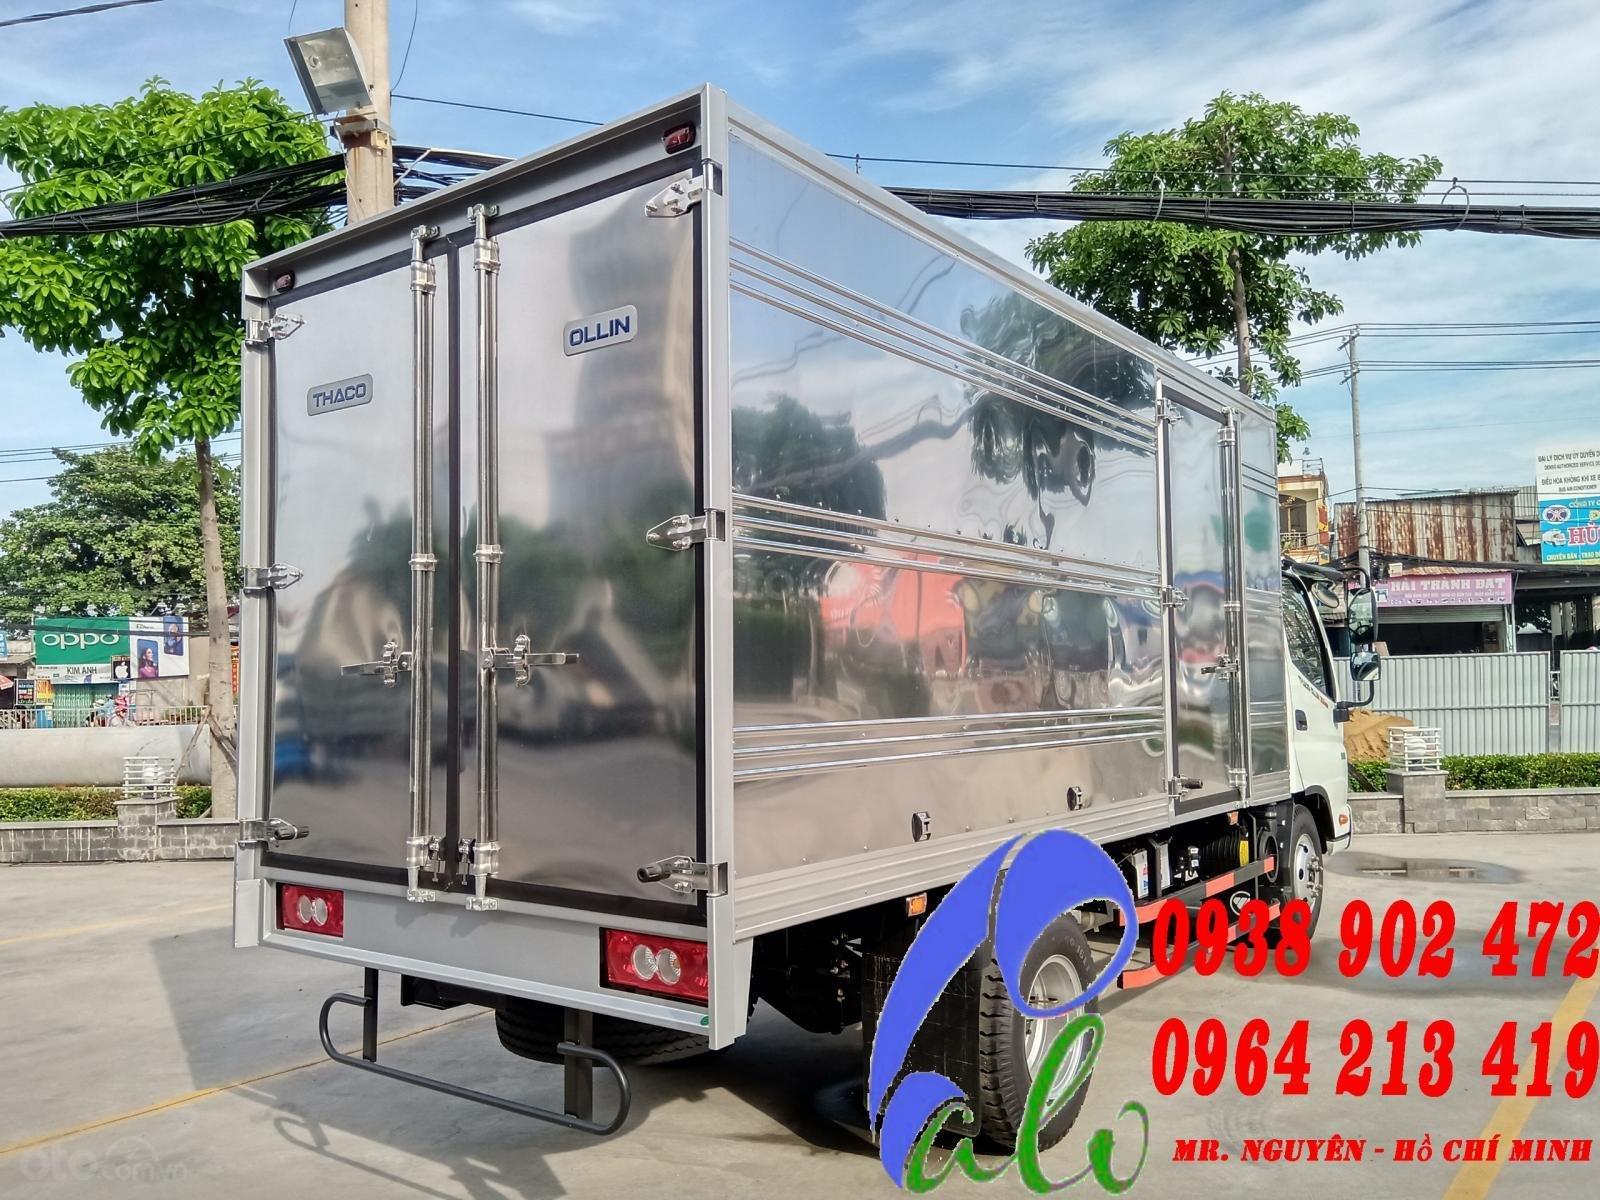 Giá tốt nhất, xe Thaco Ollin 350. E4. Tải trọng 2 tấn. LH: 0964.213.419 (4)